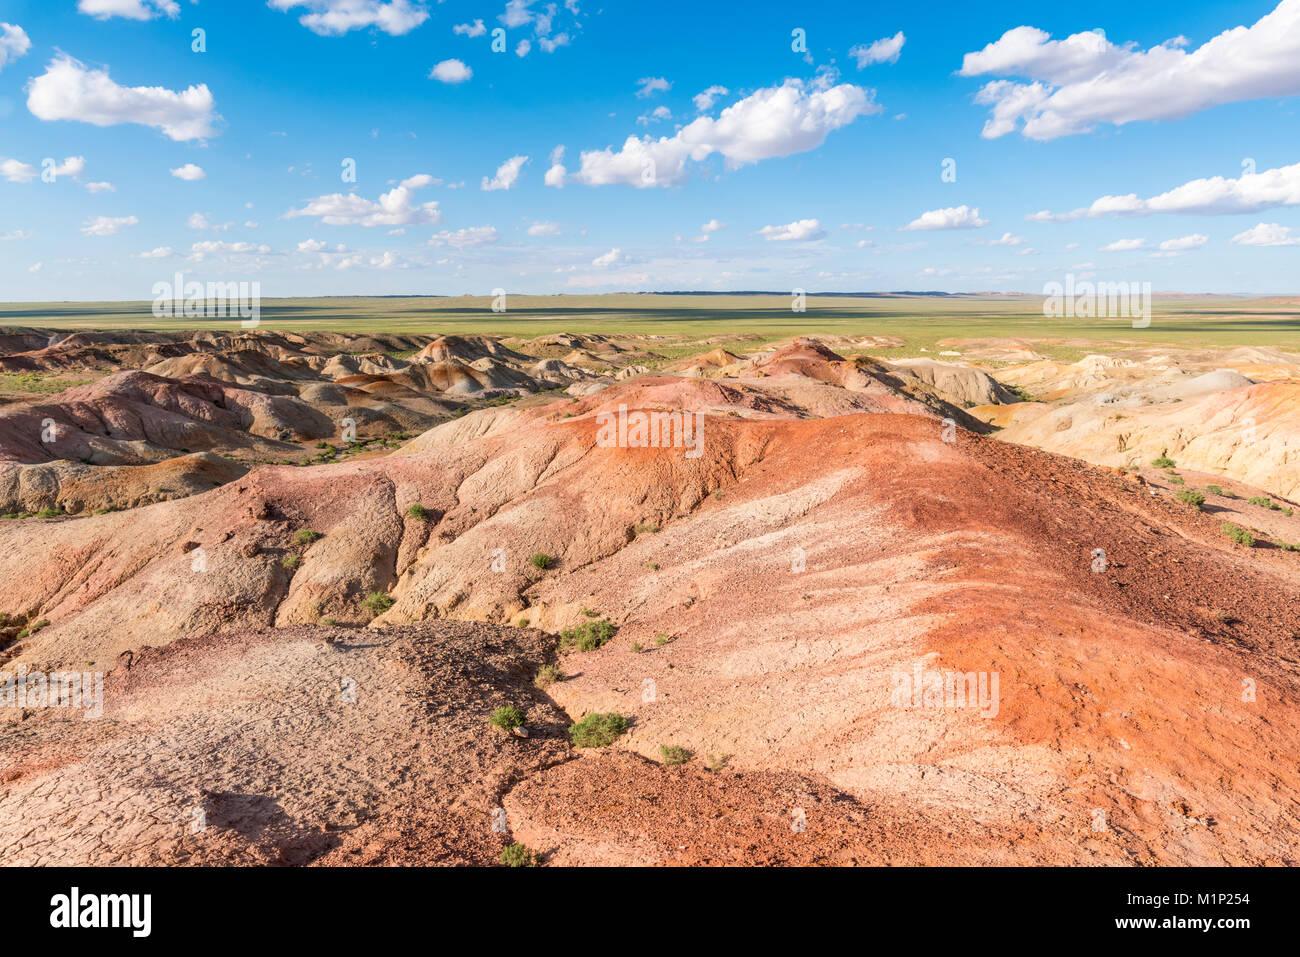 Estupa blanca, formaciones de roca sedimentaria, Oriente Ulziit provincia de Gobi, Mongolia, Asia Central, África Imagen De Stock